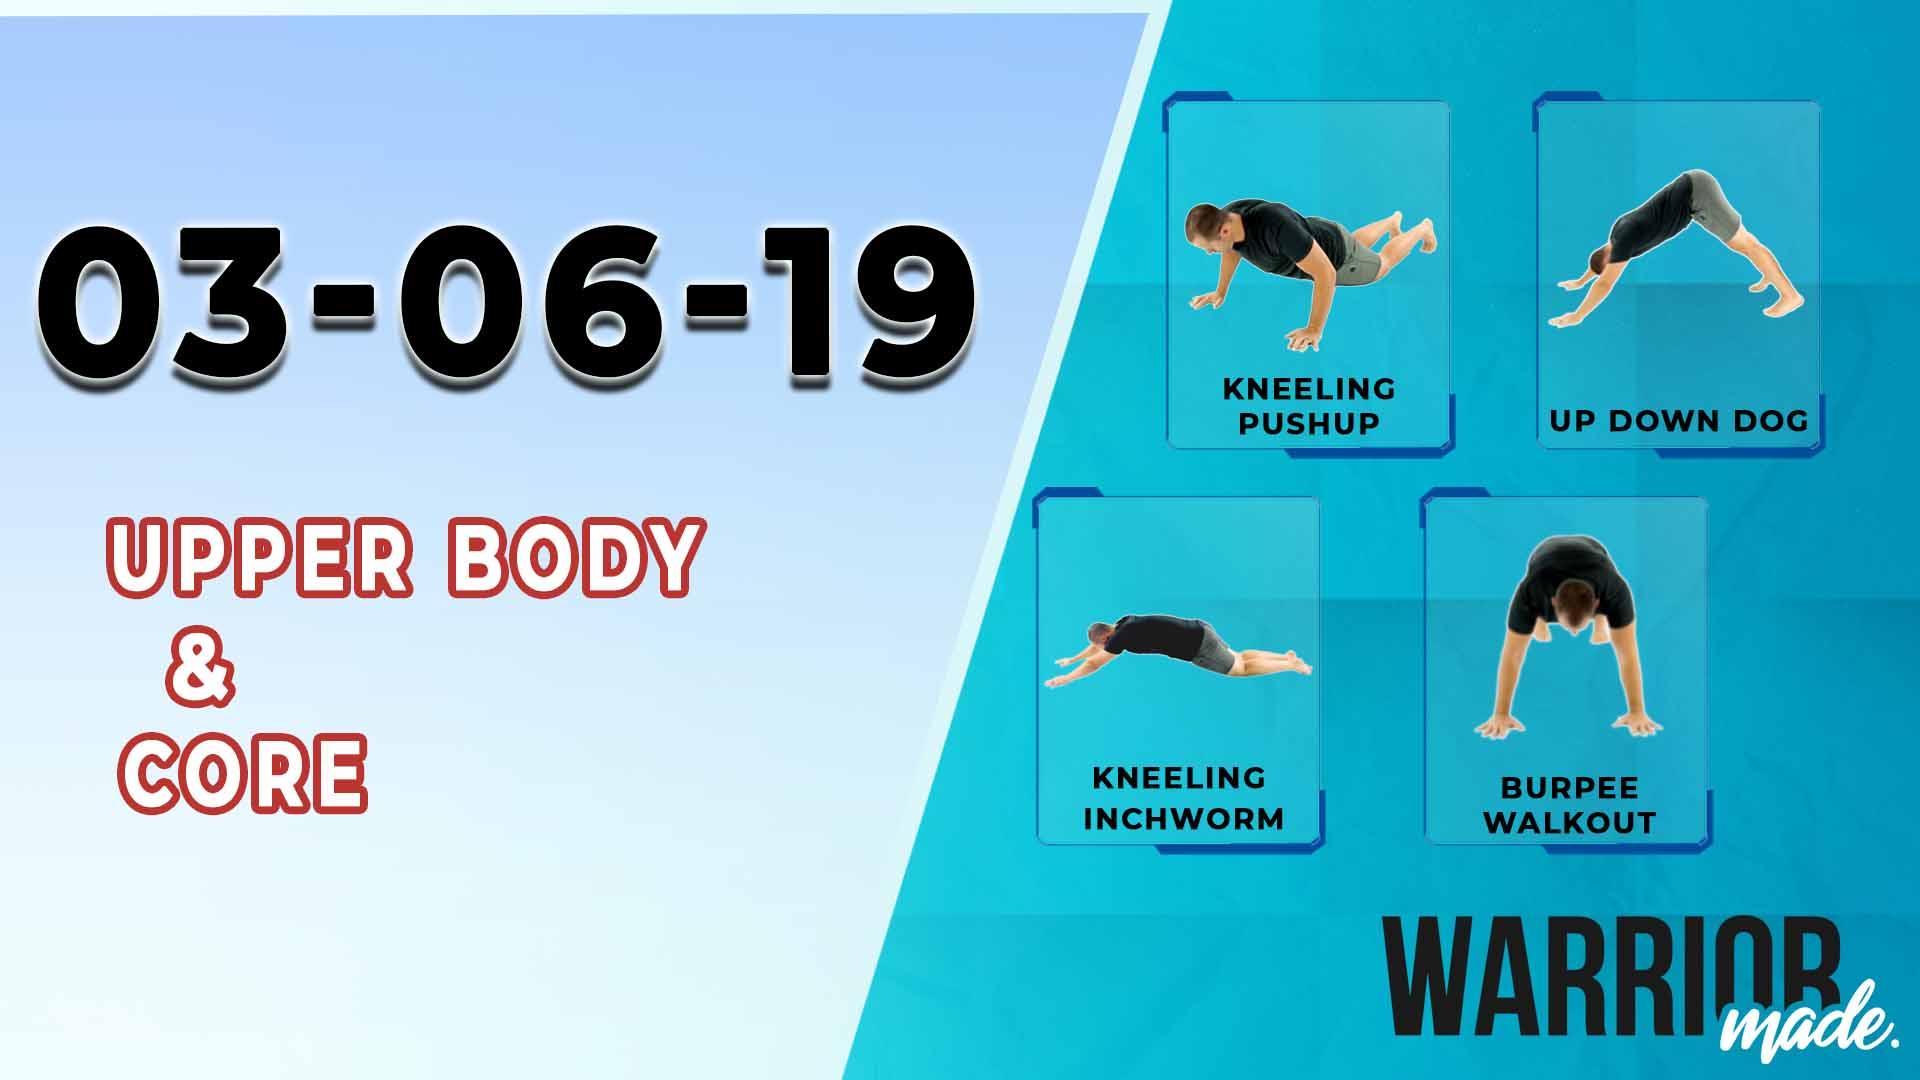 workouts-03-06-19